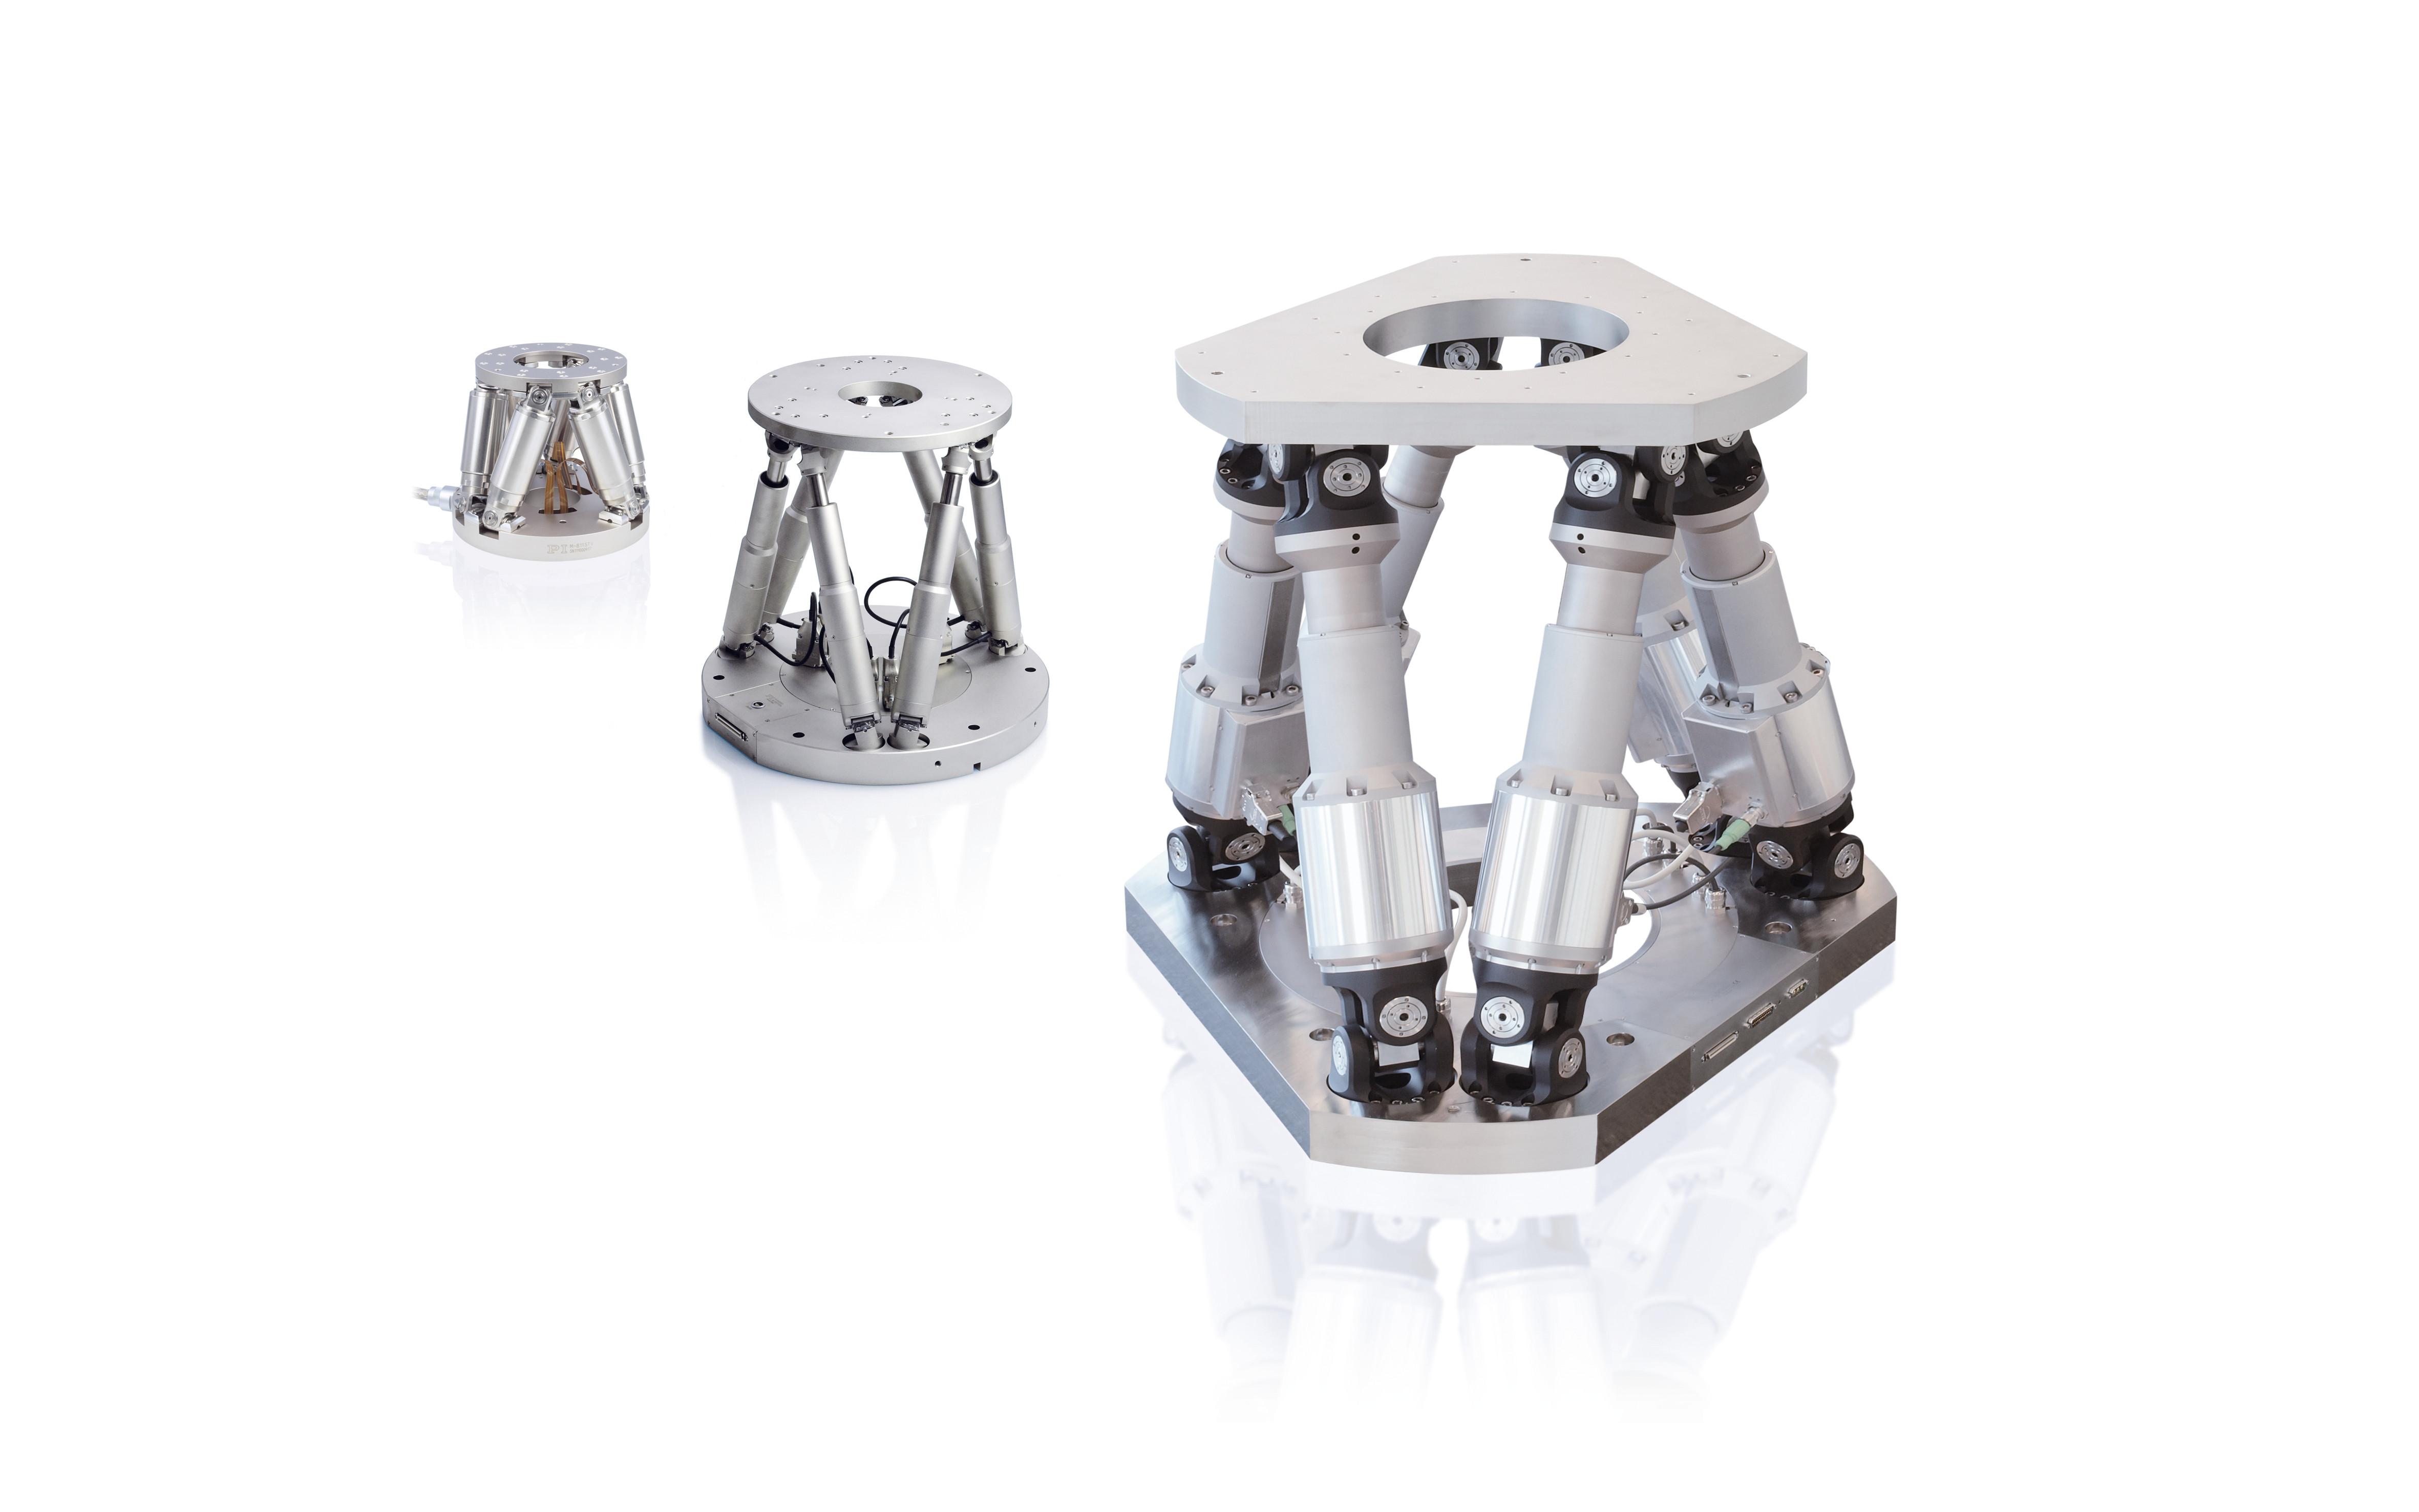 Hexapoden gibt es unterschiedlichen Baugrößen und mit verschiedenen Antriebsprinzipien Bild: PI